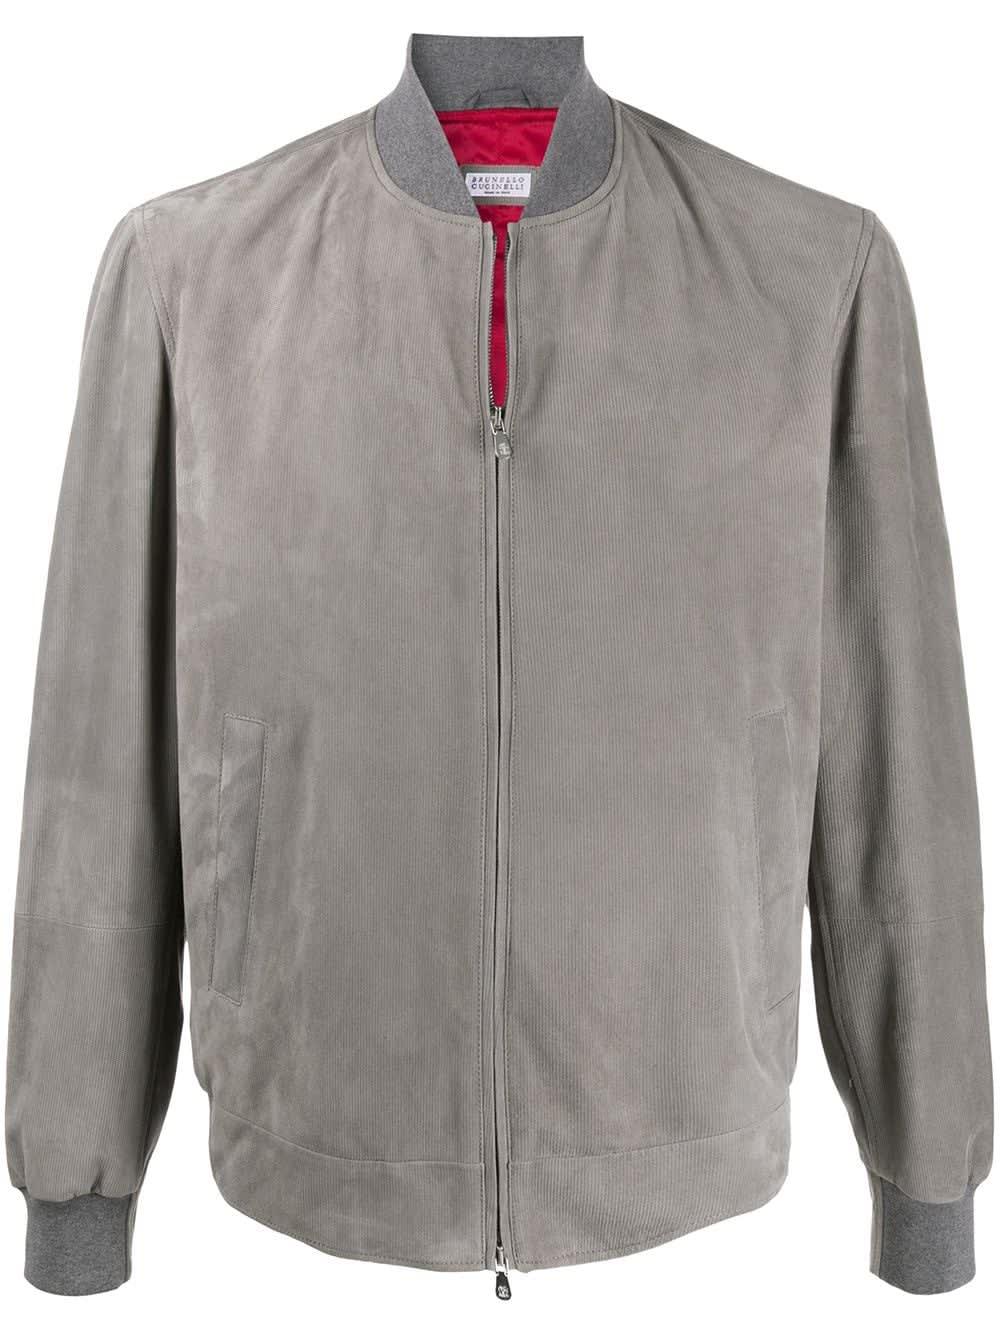 Brunello Cucinelli Jacket